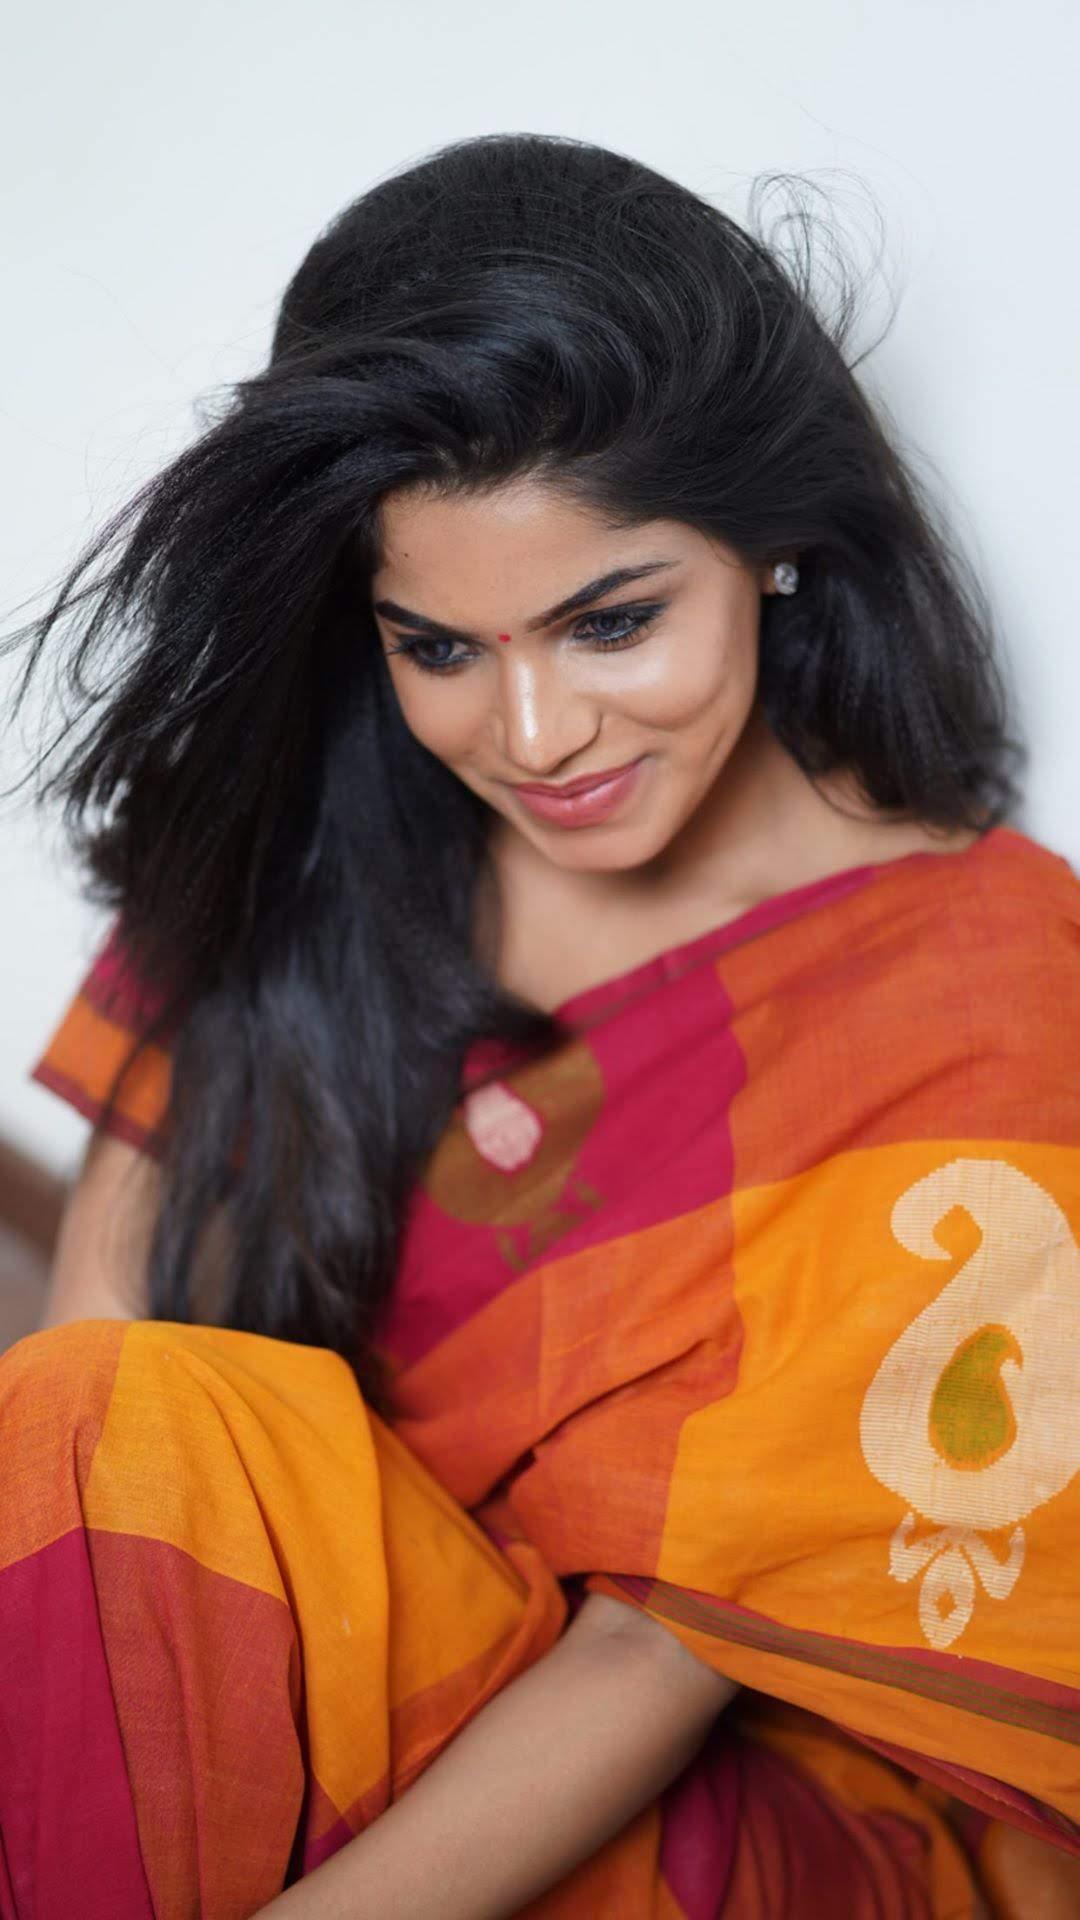 Divyabharathi_Divya-bharathi_26